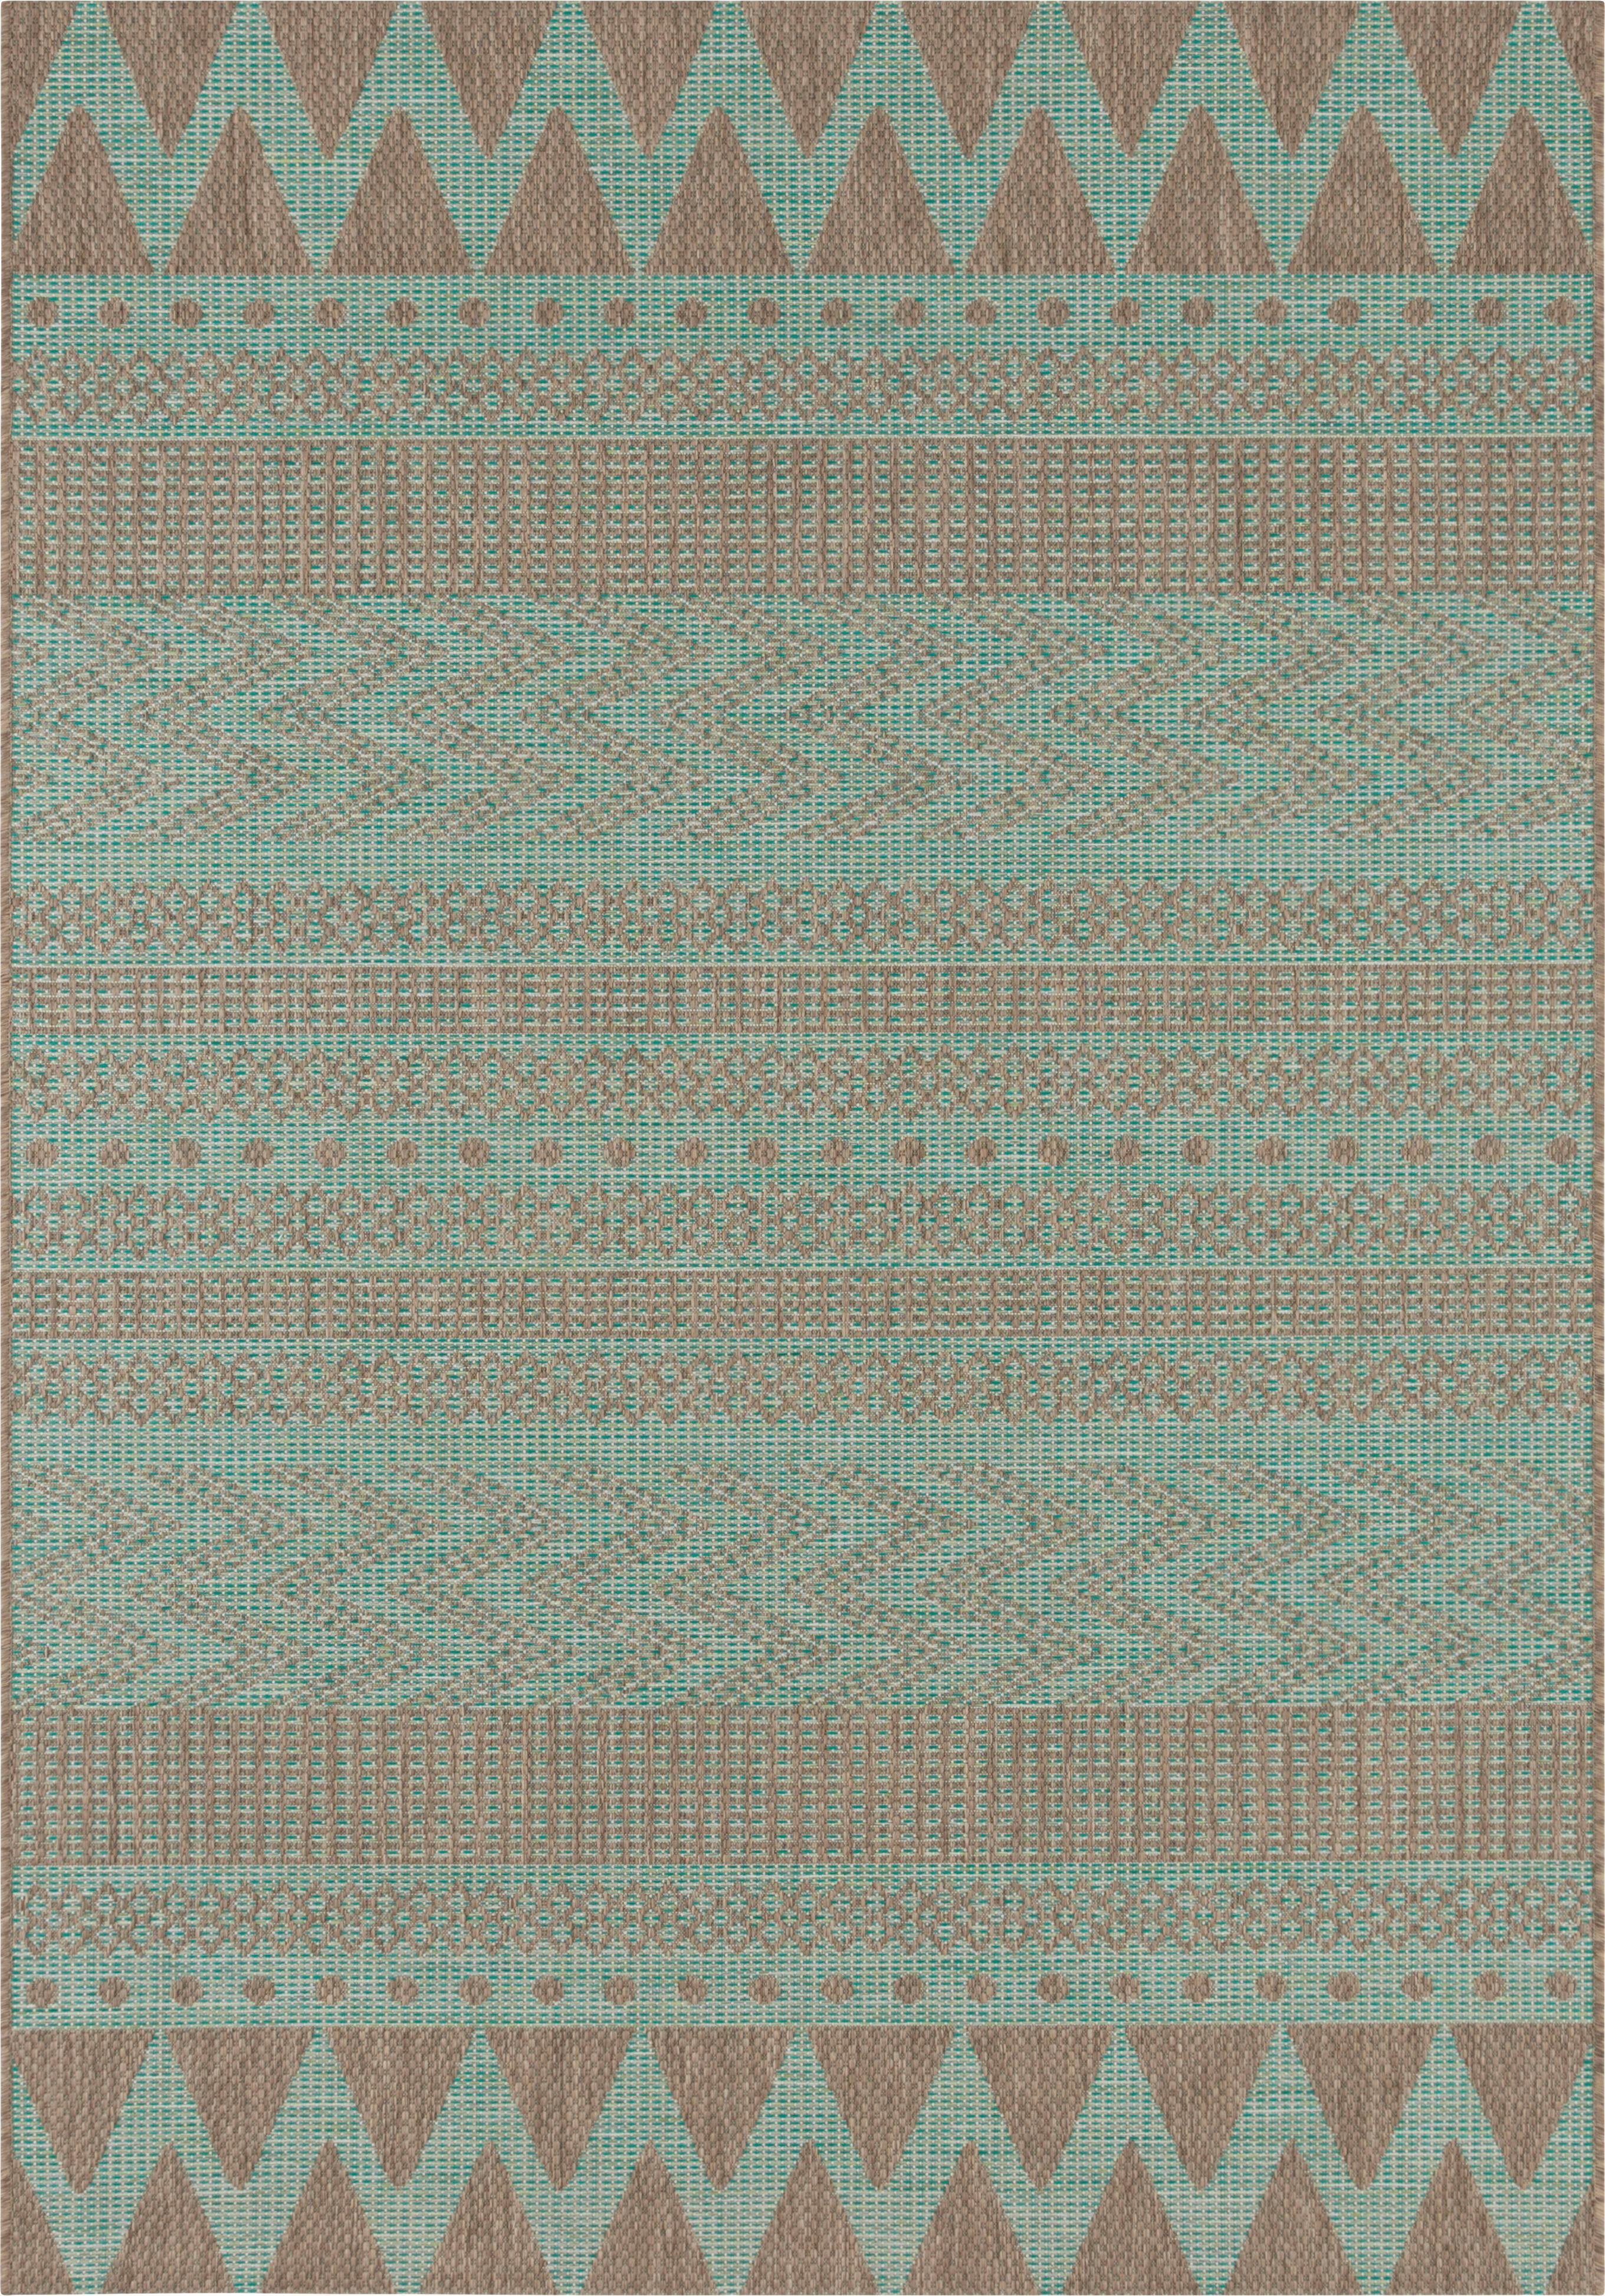 In- & Outdoor-Teppich Sidon mit grafischem Muster, 100% Polypropylen, Grün, Taupe, B 140 x L 200 cm (Größe S)